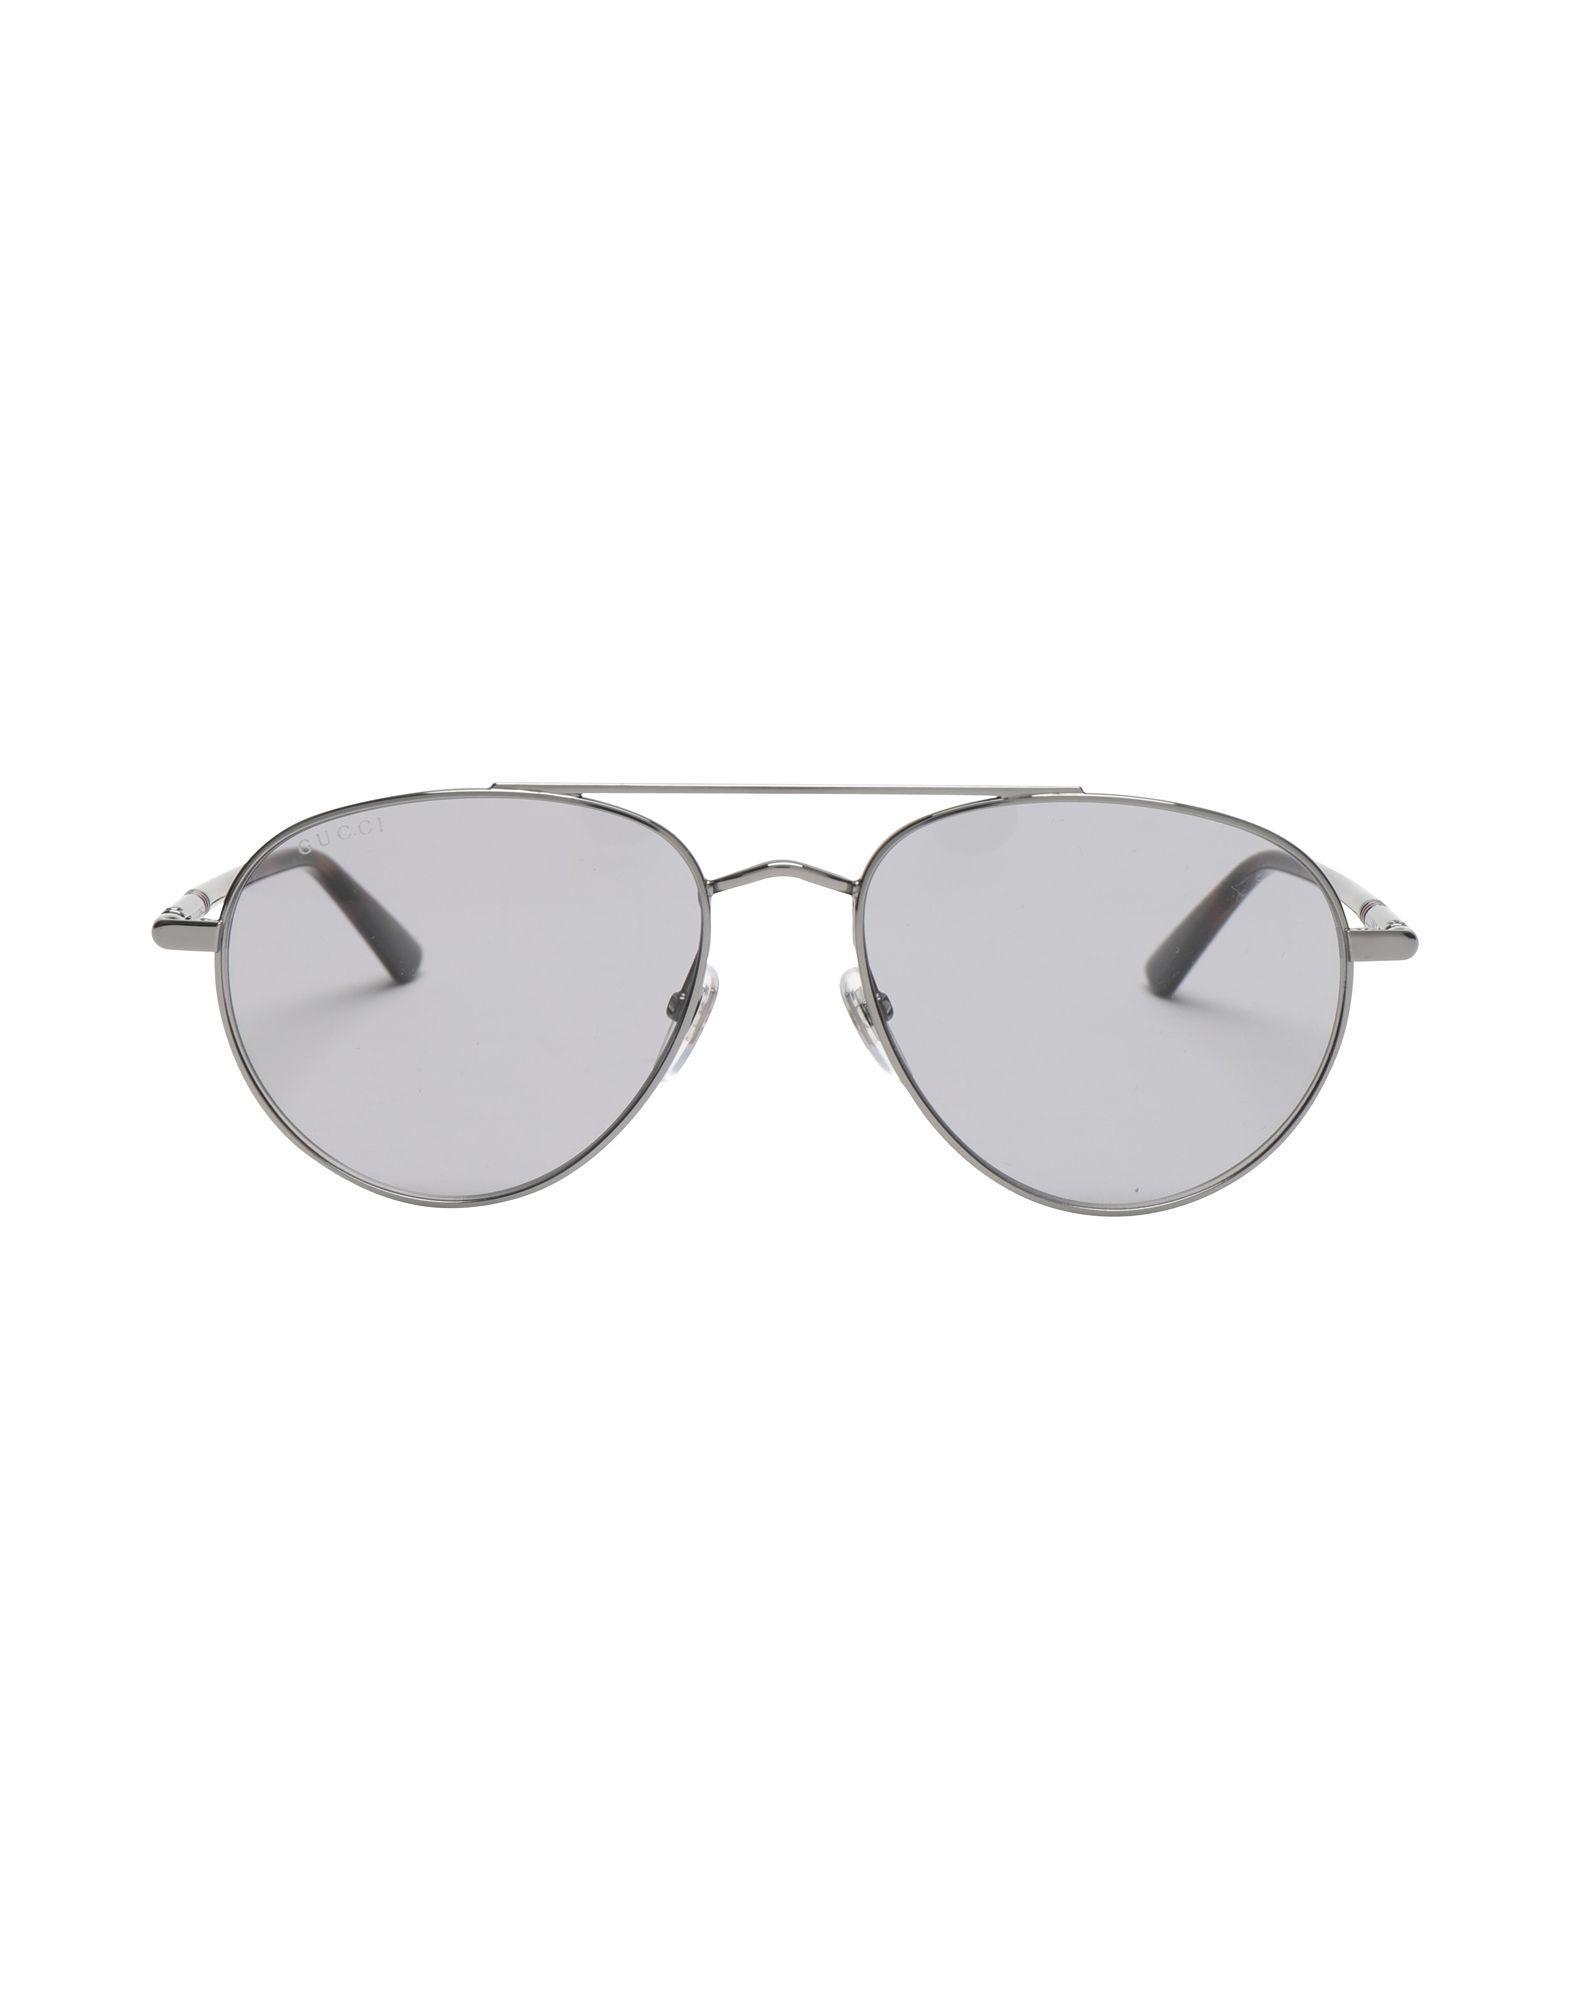 35b82277dfd Gucci Sunglasses in Gray for Men - Lyst